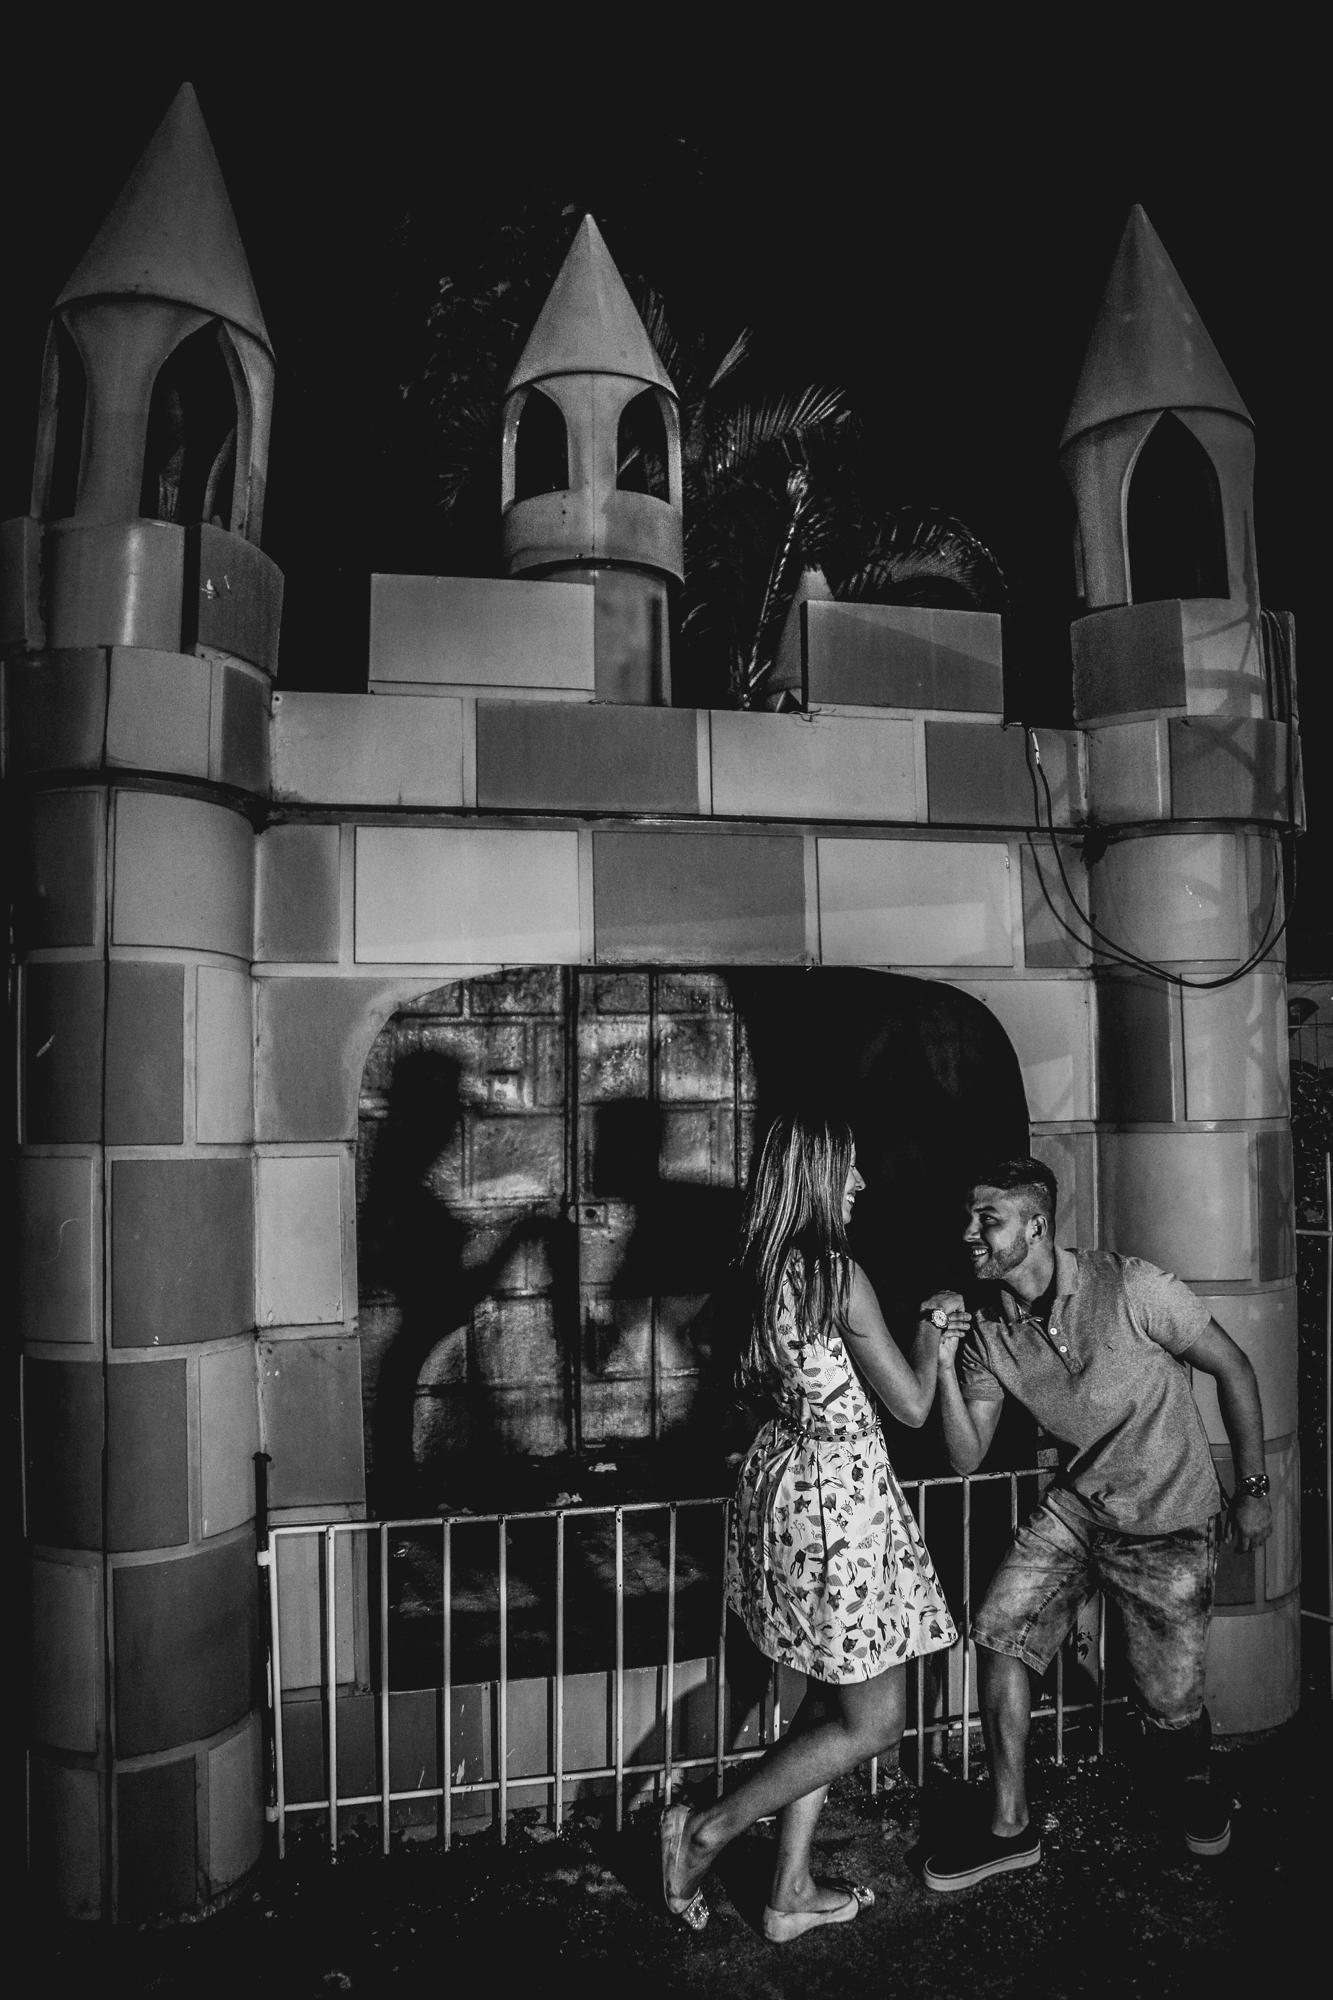 fotografo de casamento no Rio de janeiro (174)